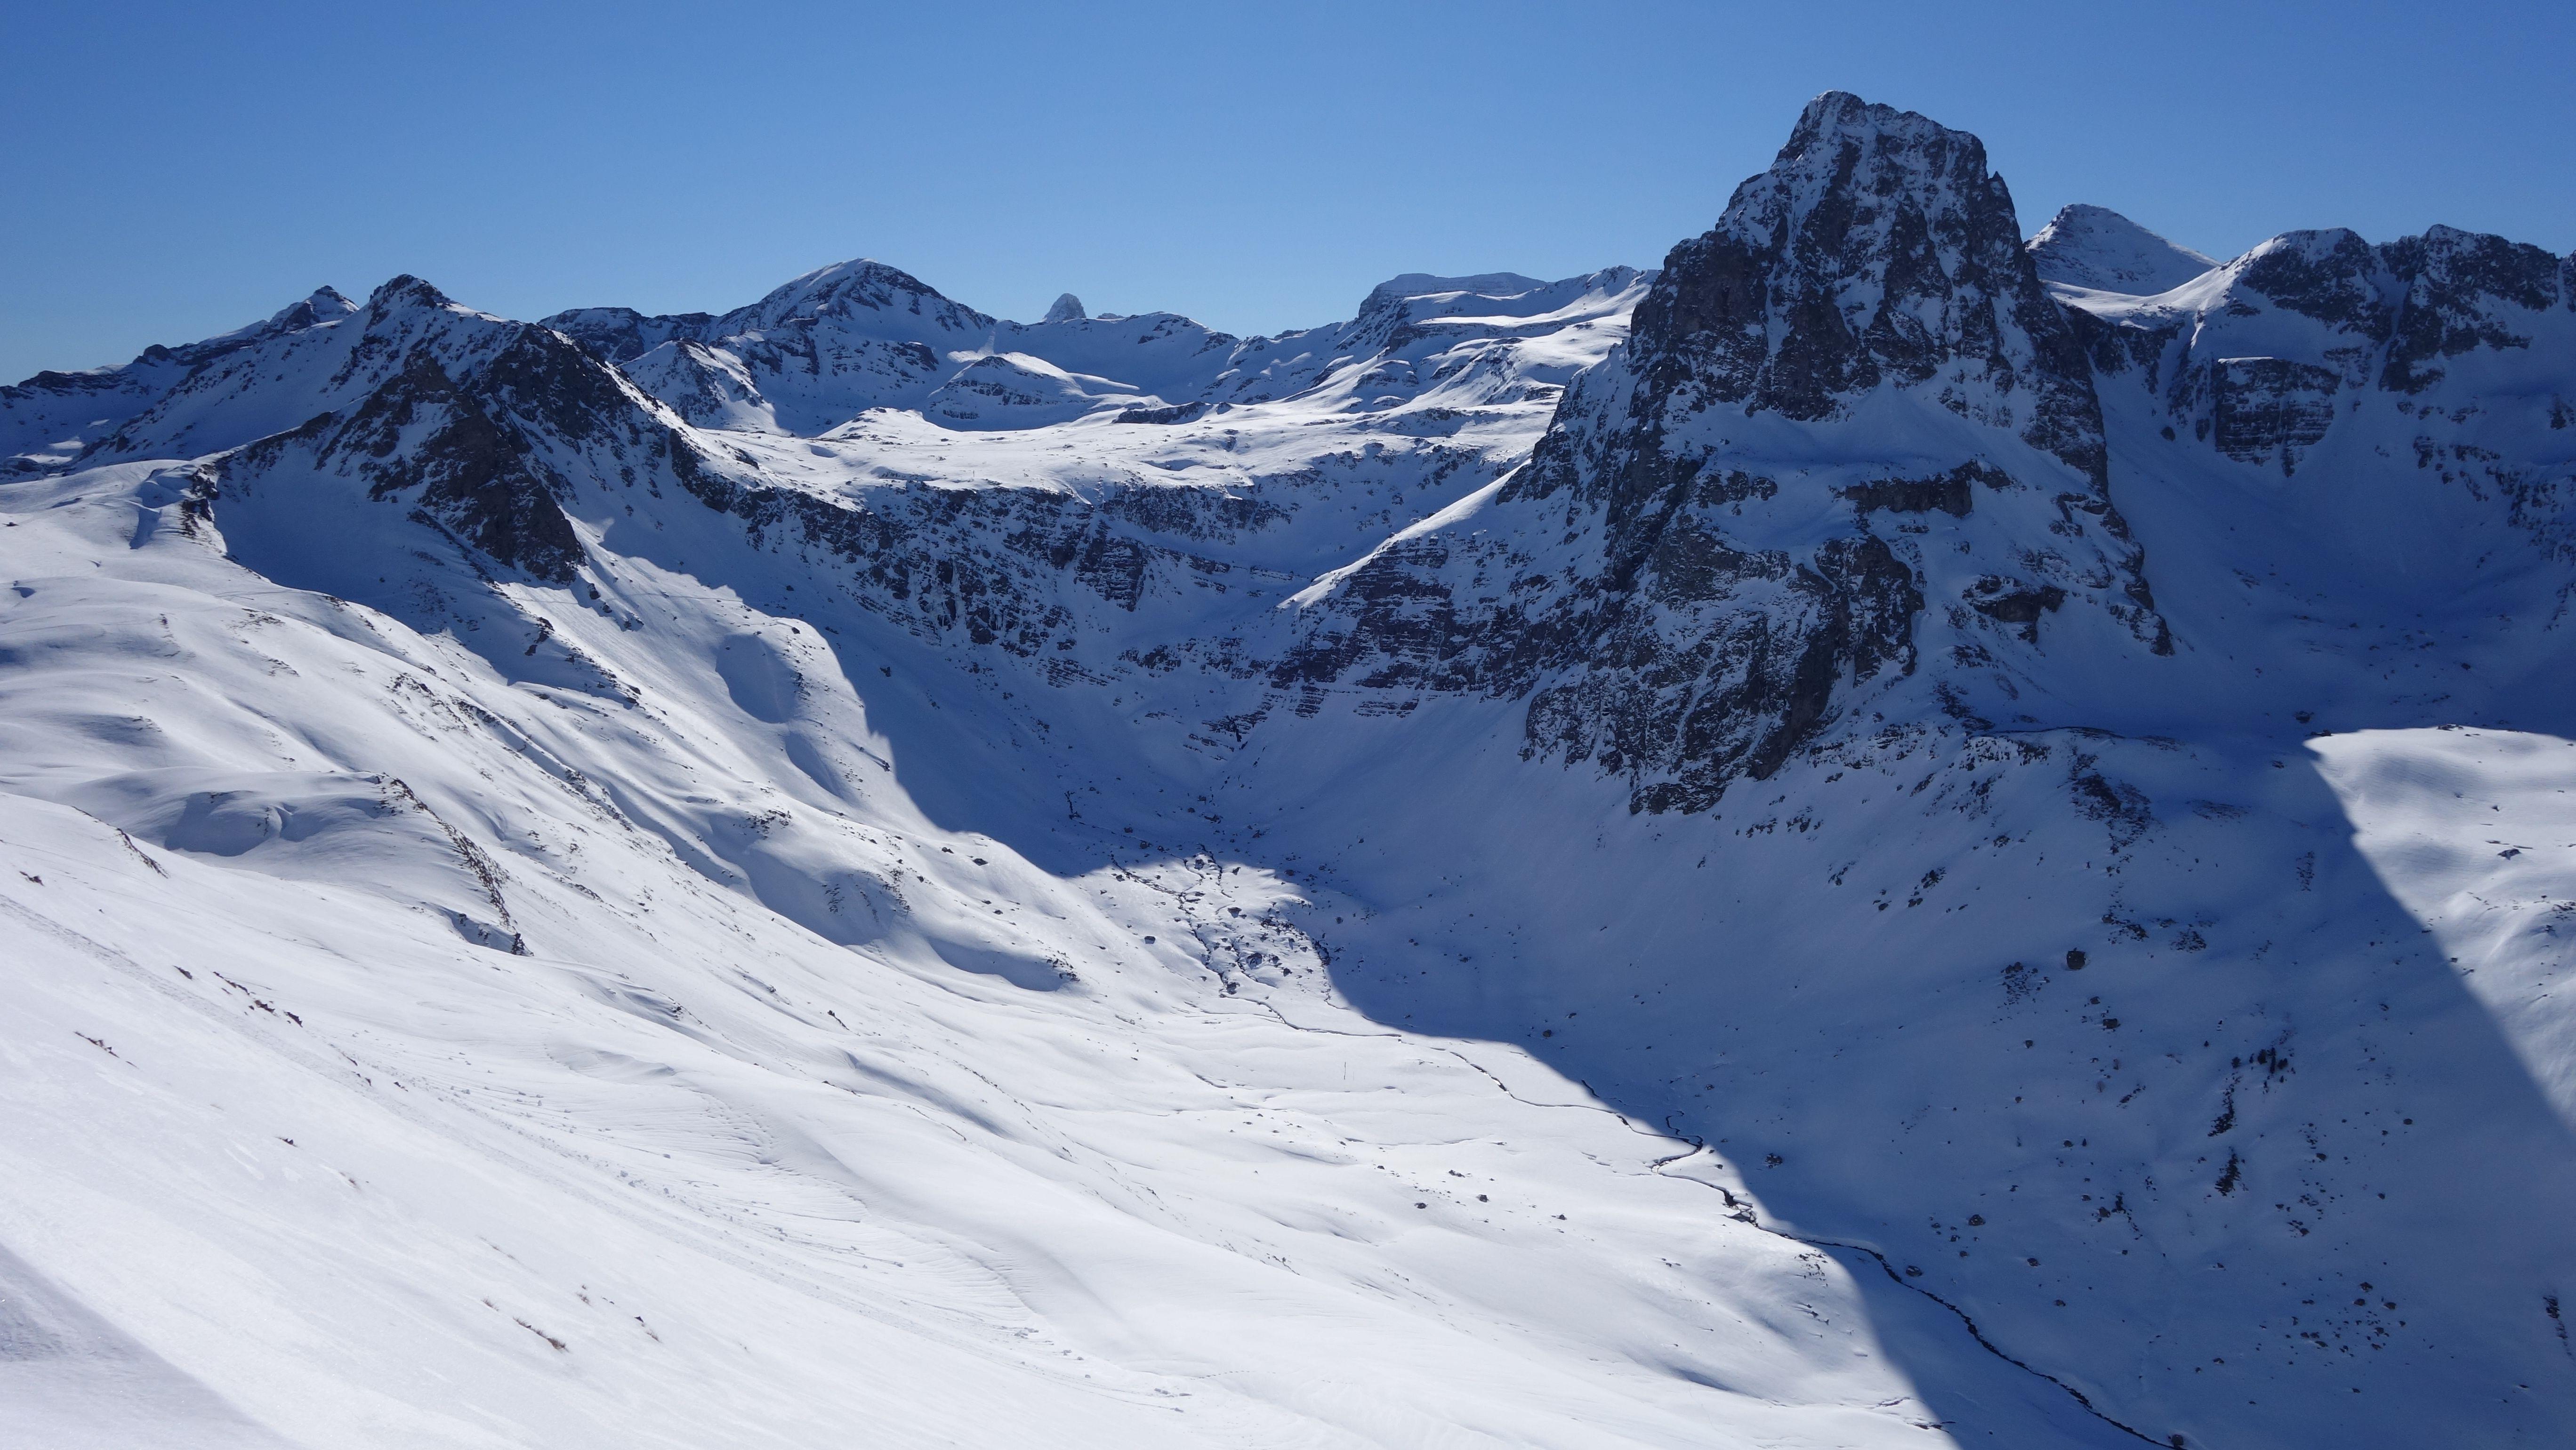 Culivillas (2523 metros), Arroyeras (2567 metros), Punta Escarra (2751 metros), Pala de Ip (2779 metros), Anayet (2574 metros), Vértice de Anayet (2559 metros) e ibones de Anayet desde el Col d'Anéou